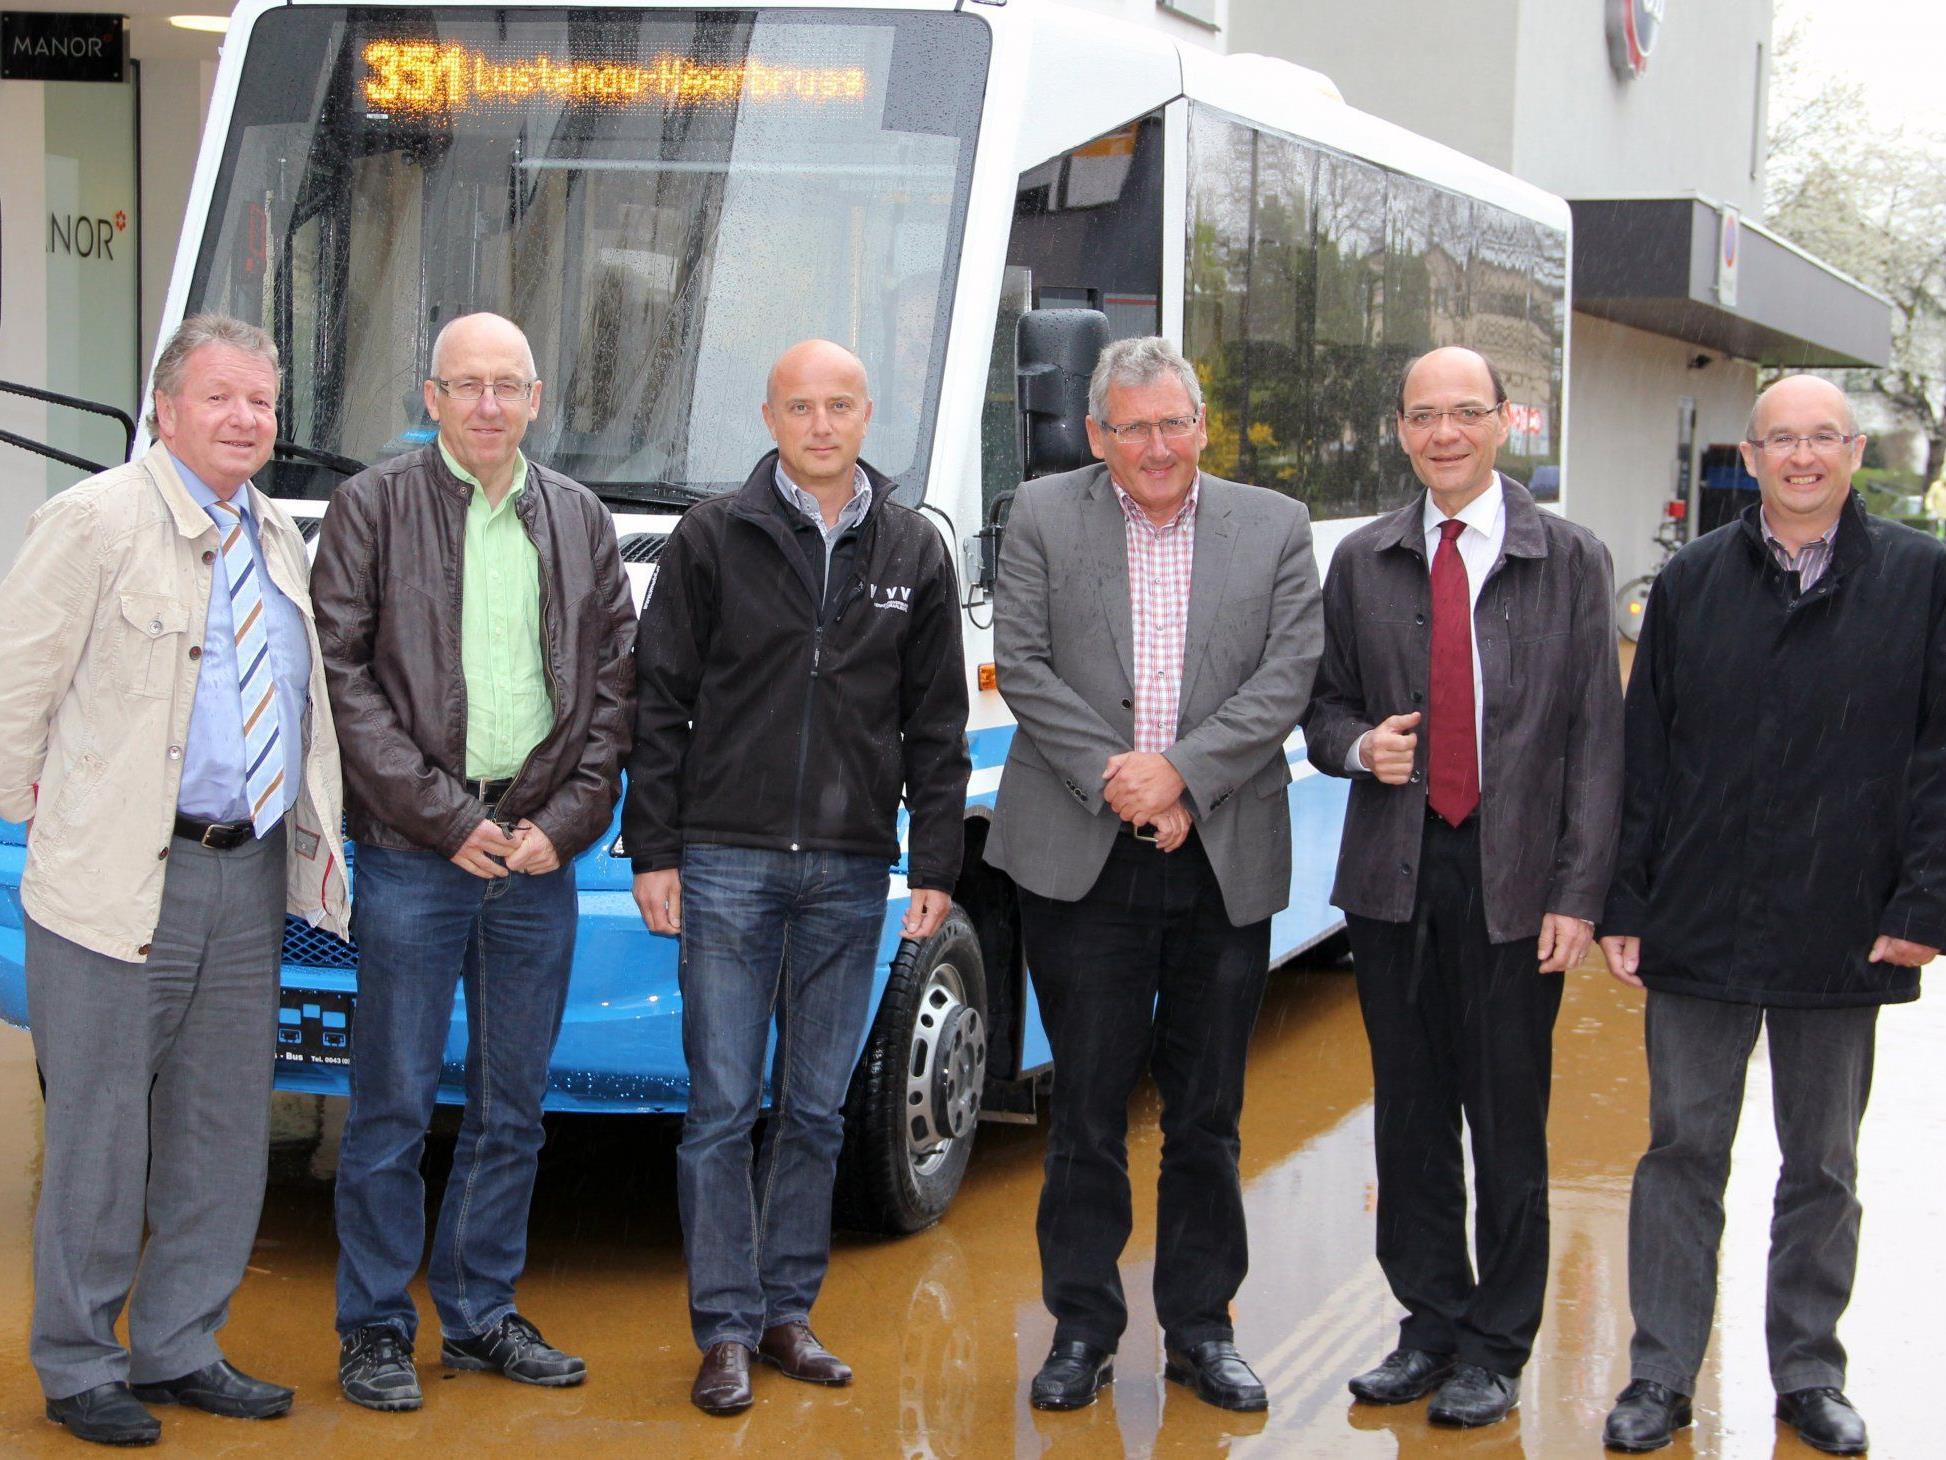 Göpf Spirig, Karl Heinz Winkler, Raimund Frick, Walter Dierauer, HR. Kuhn und H. Koller.